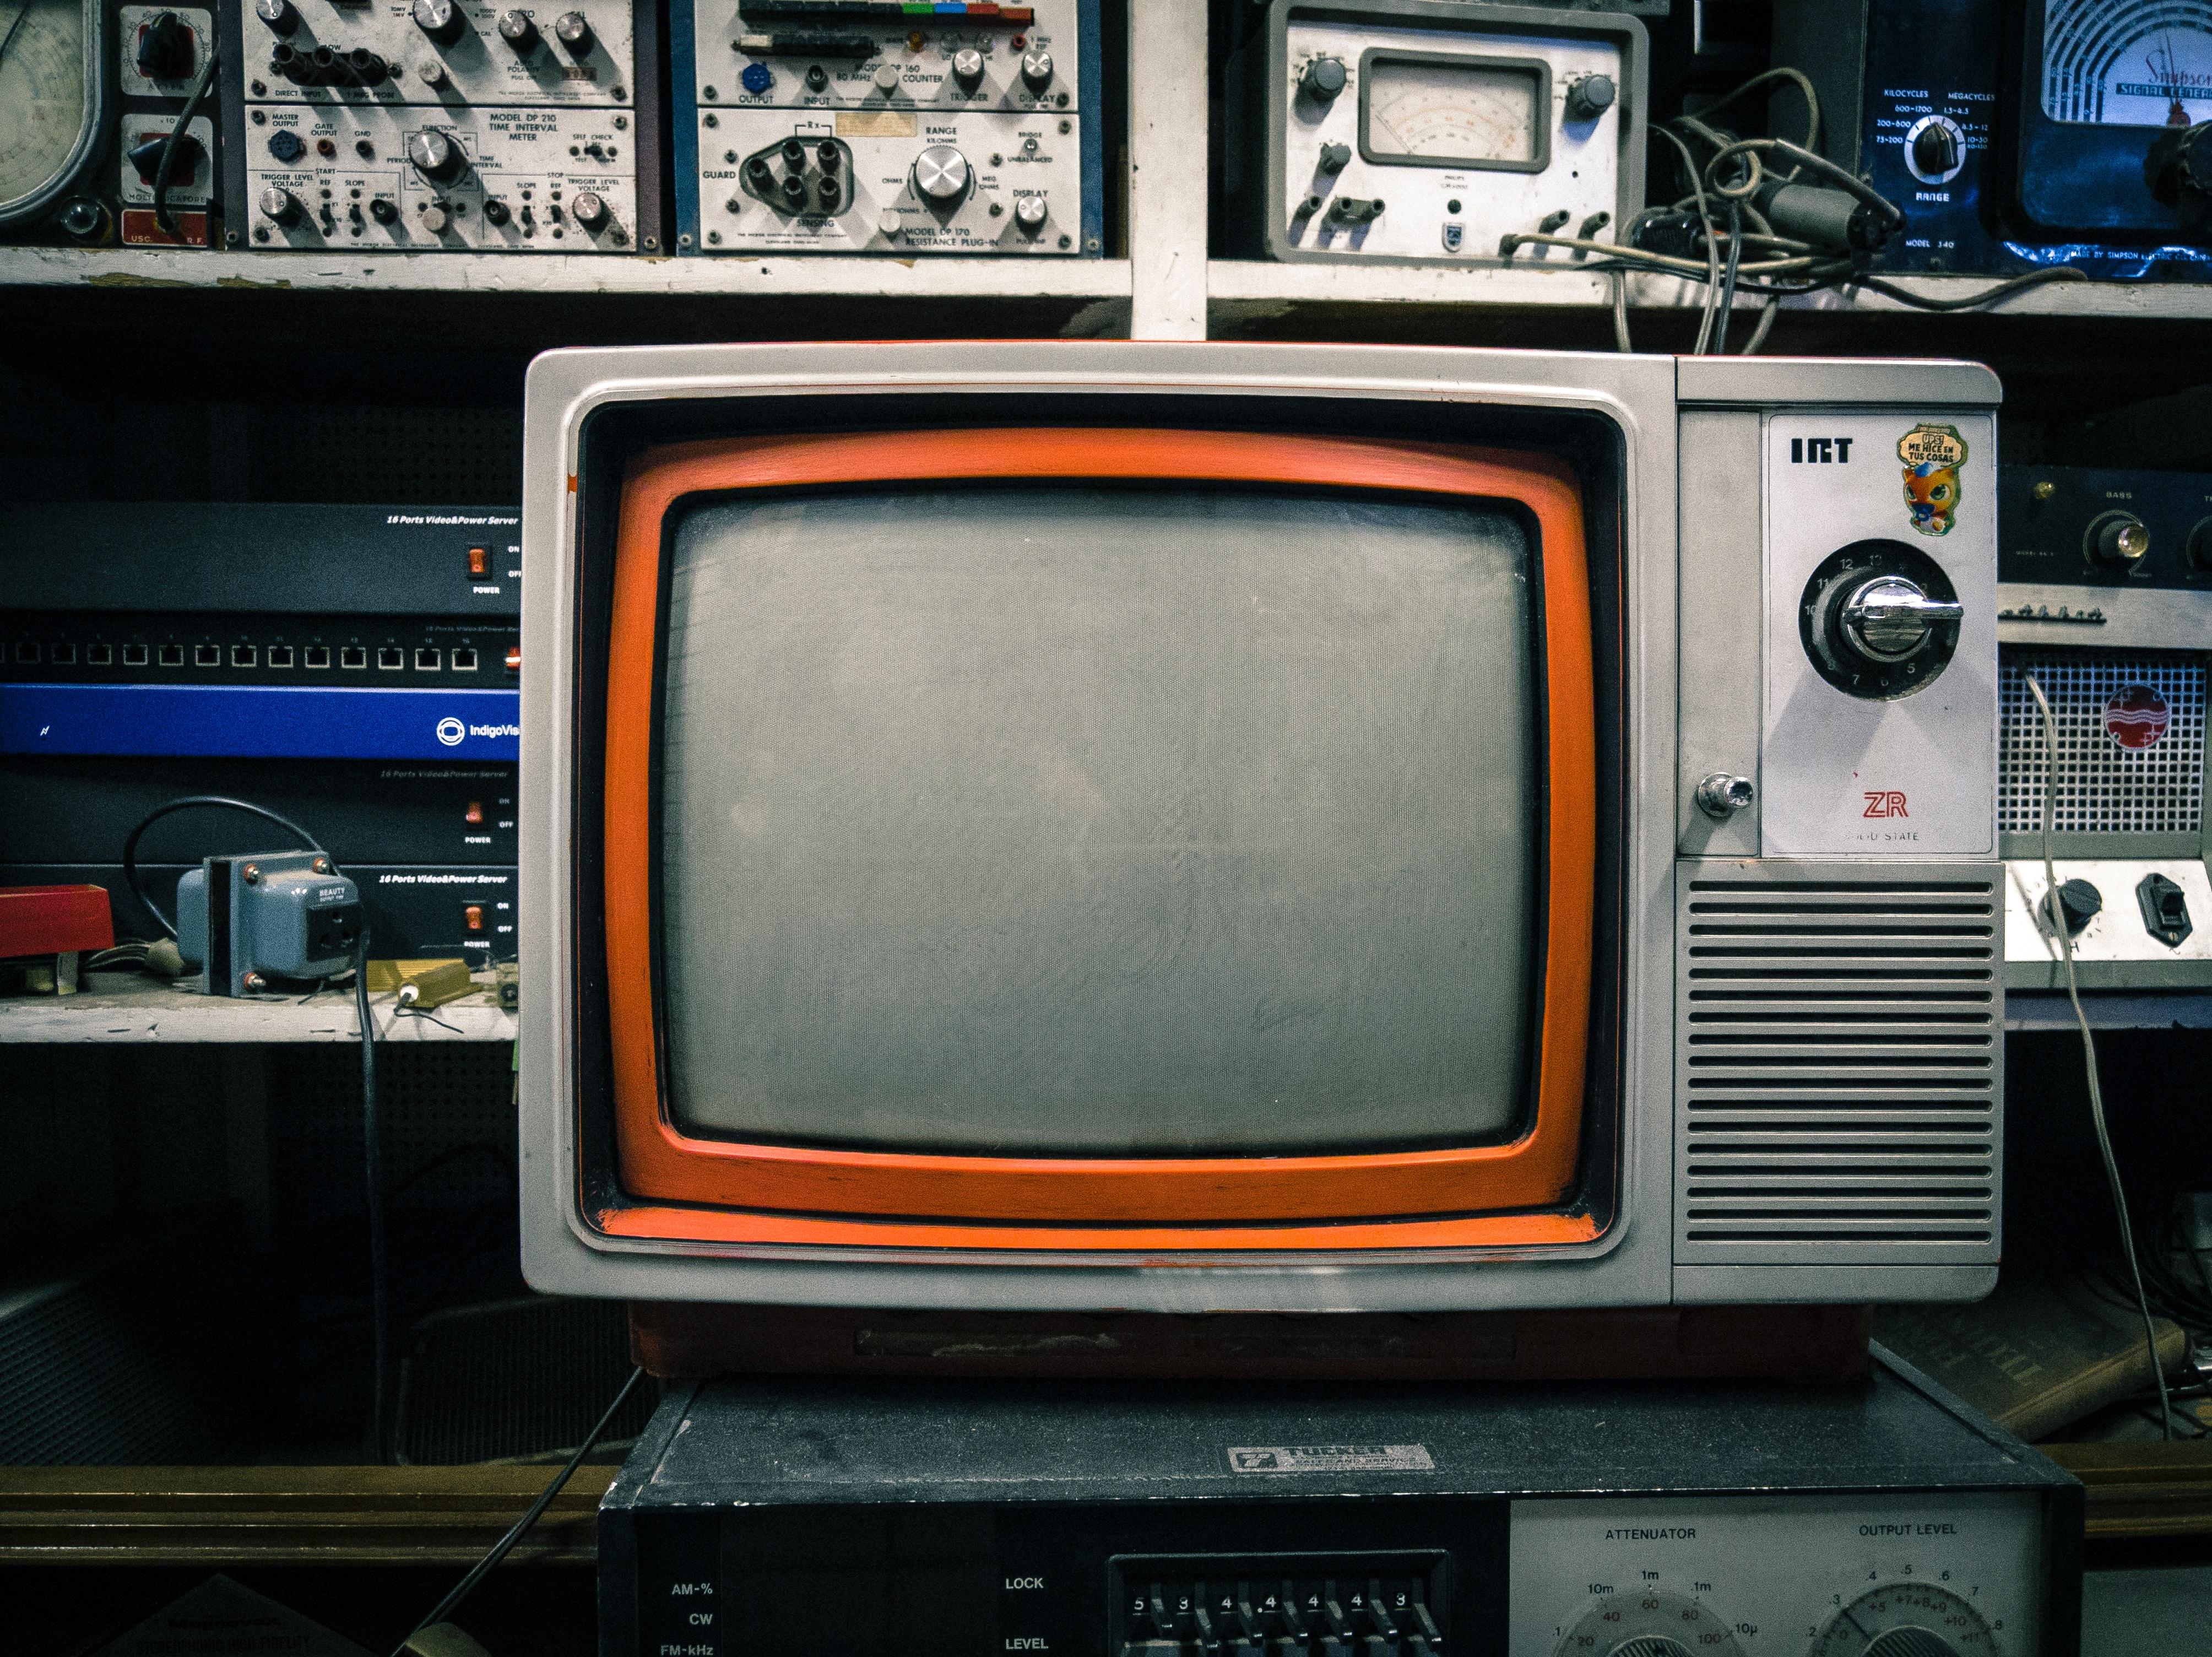 télévision les z'amours unsplash Diego Gonzalez